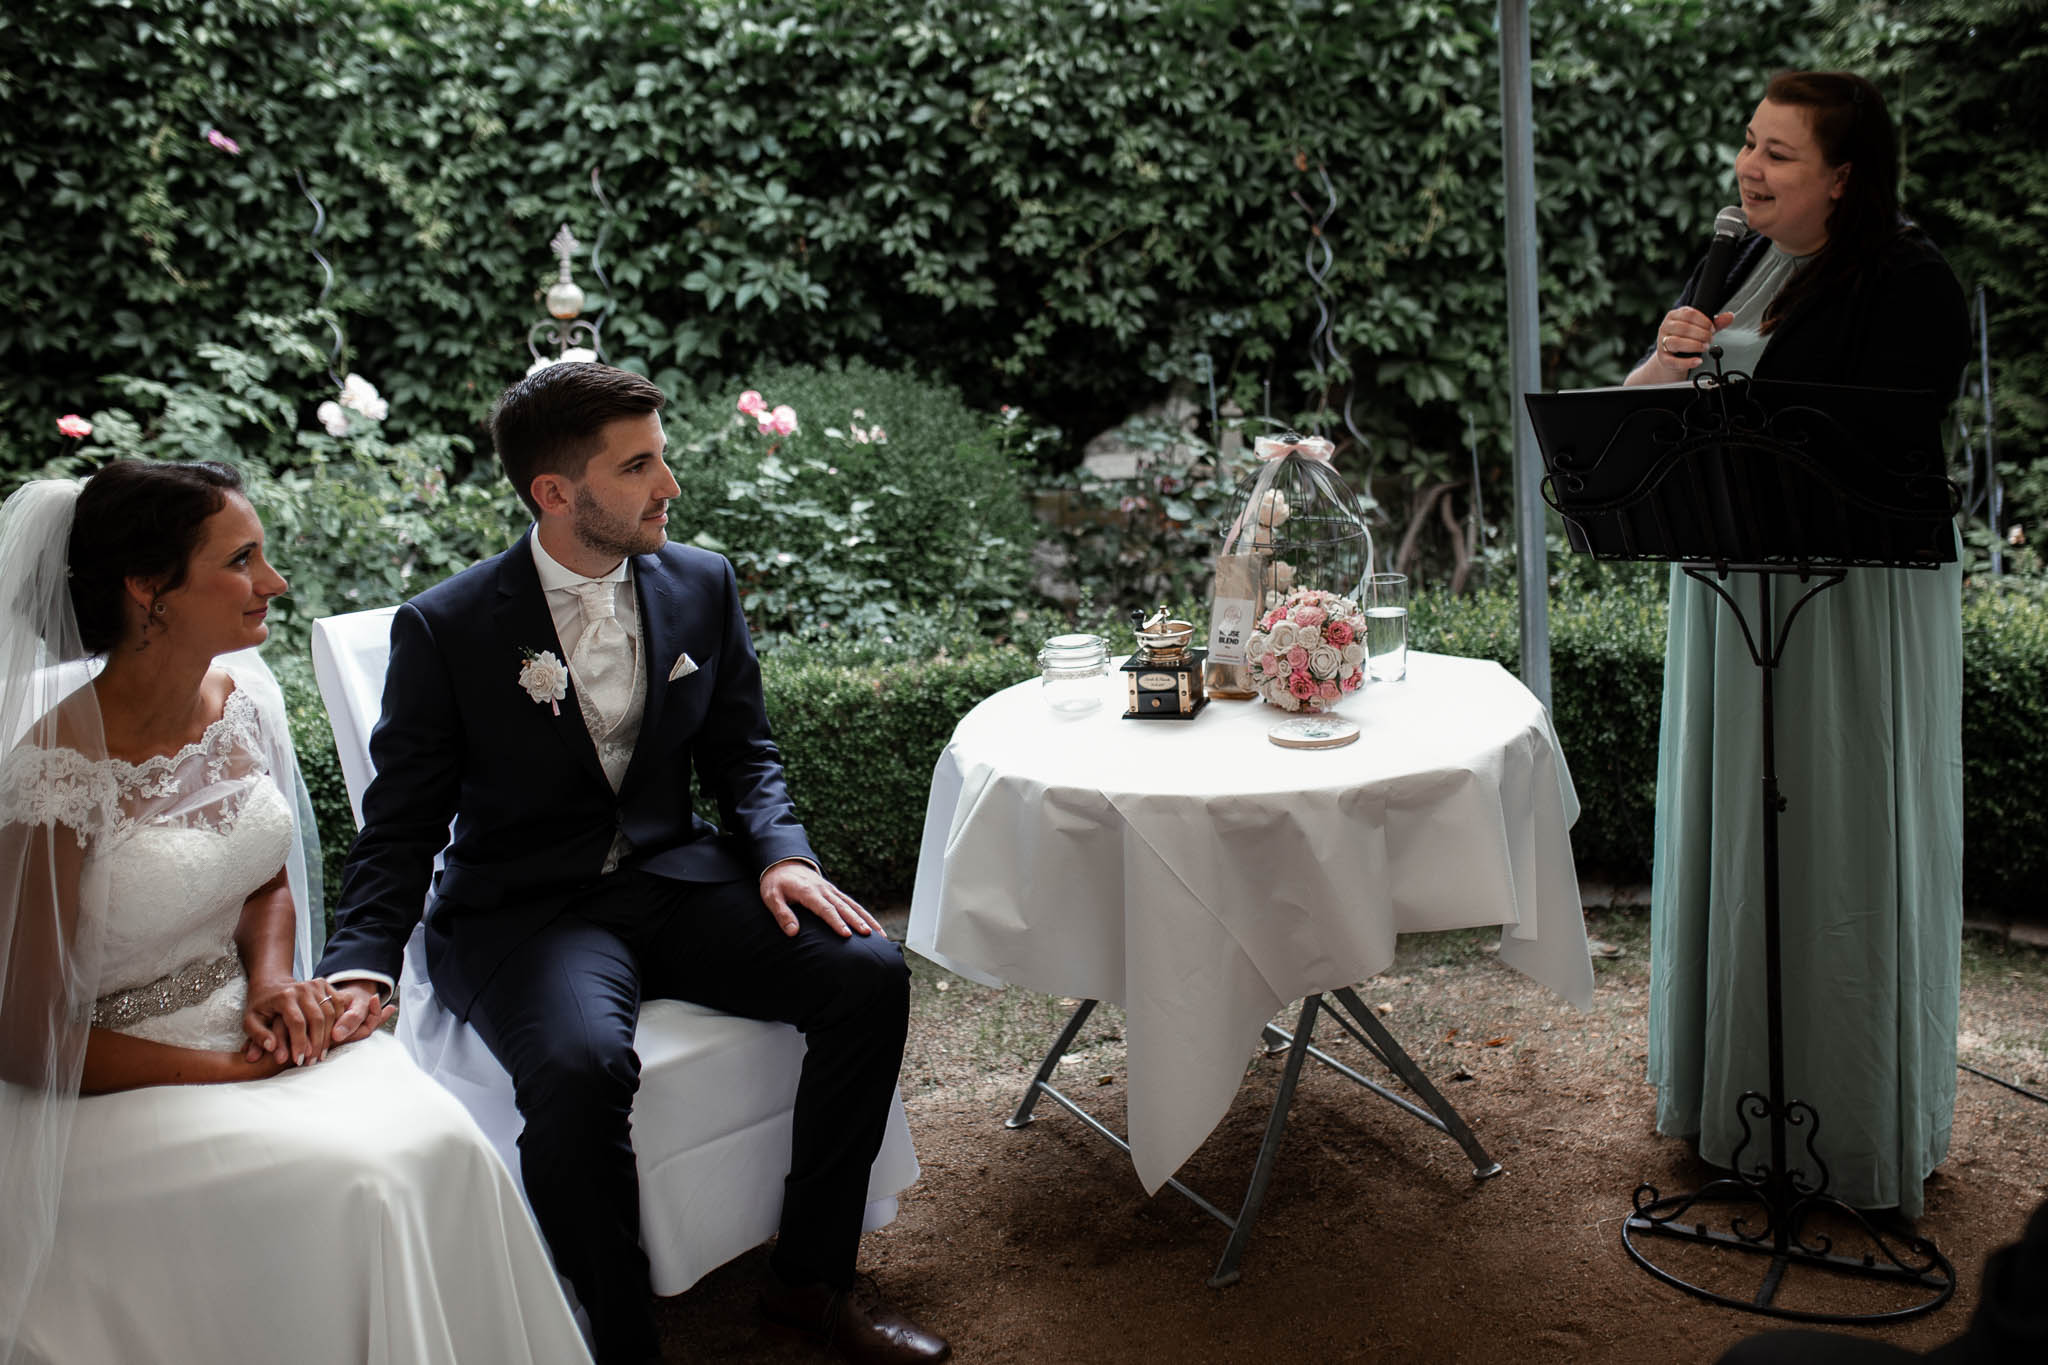 Hochzeitsfotograf Monzernheim: freie Trauung von Sarah & Patrick 25